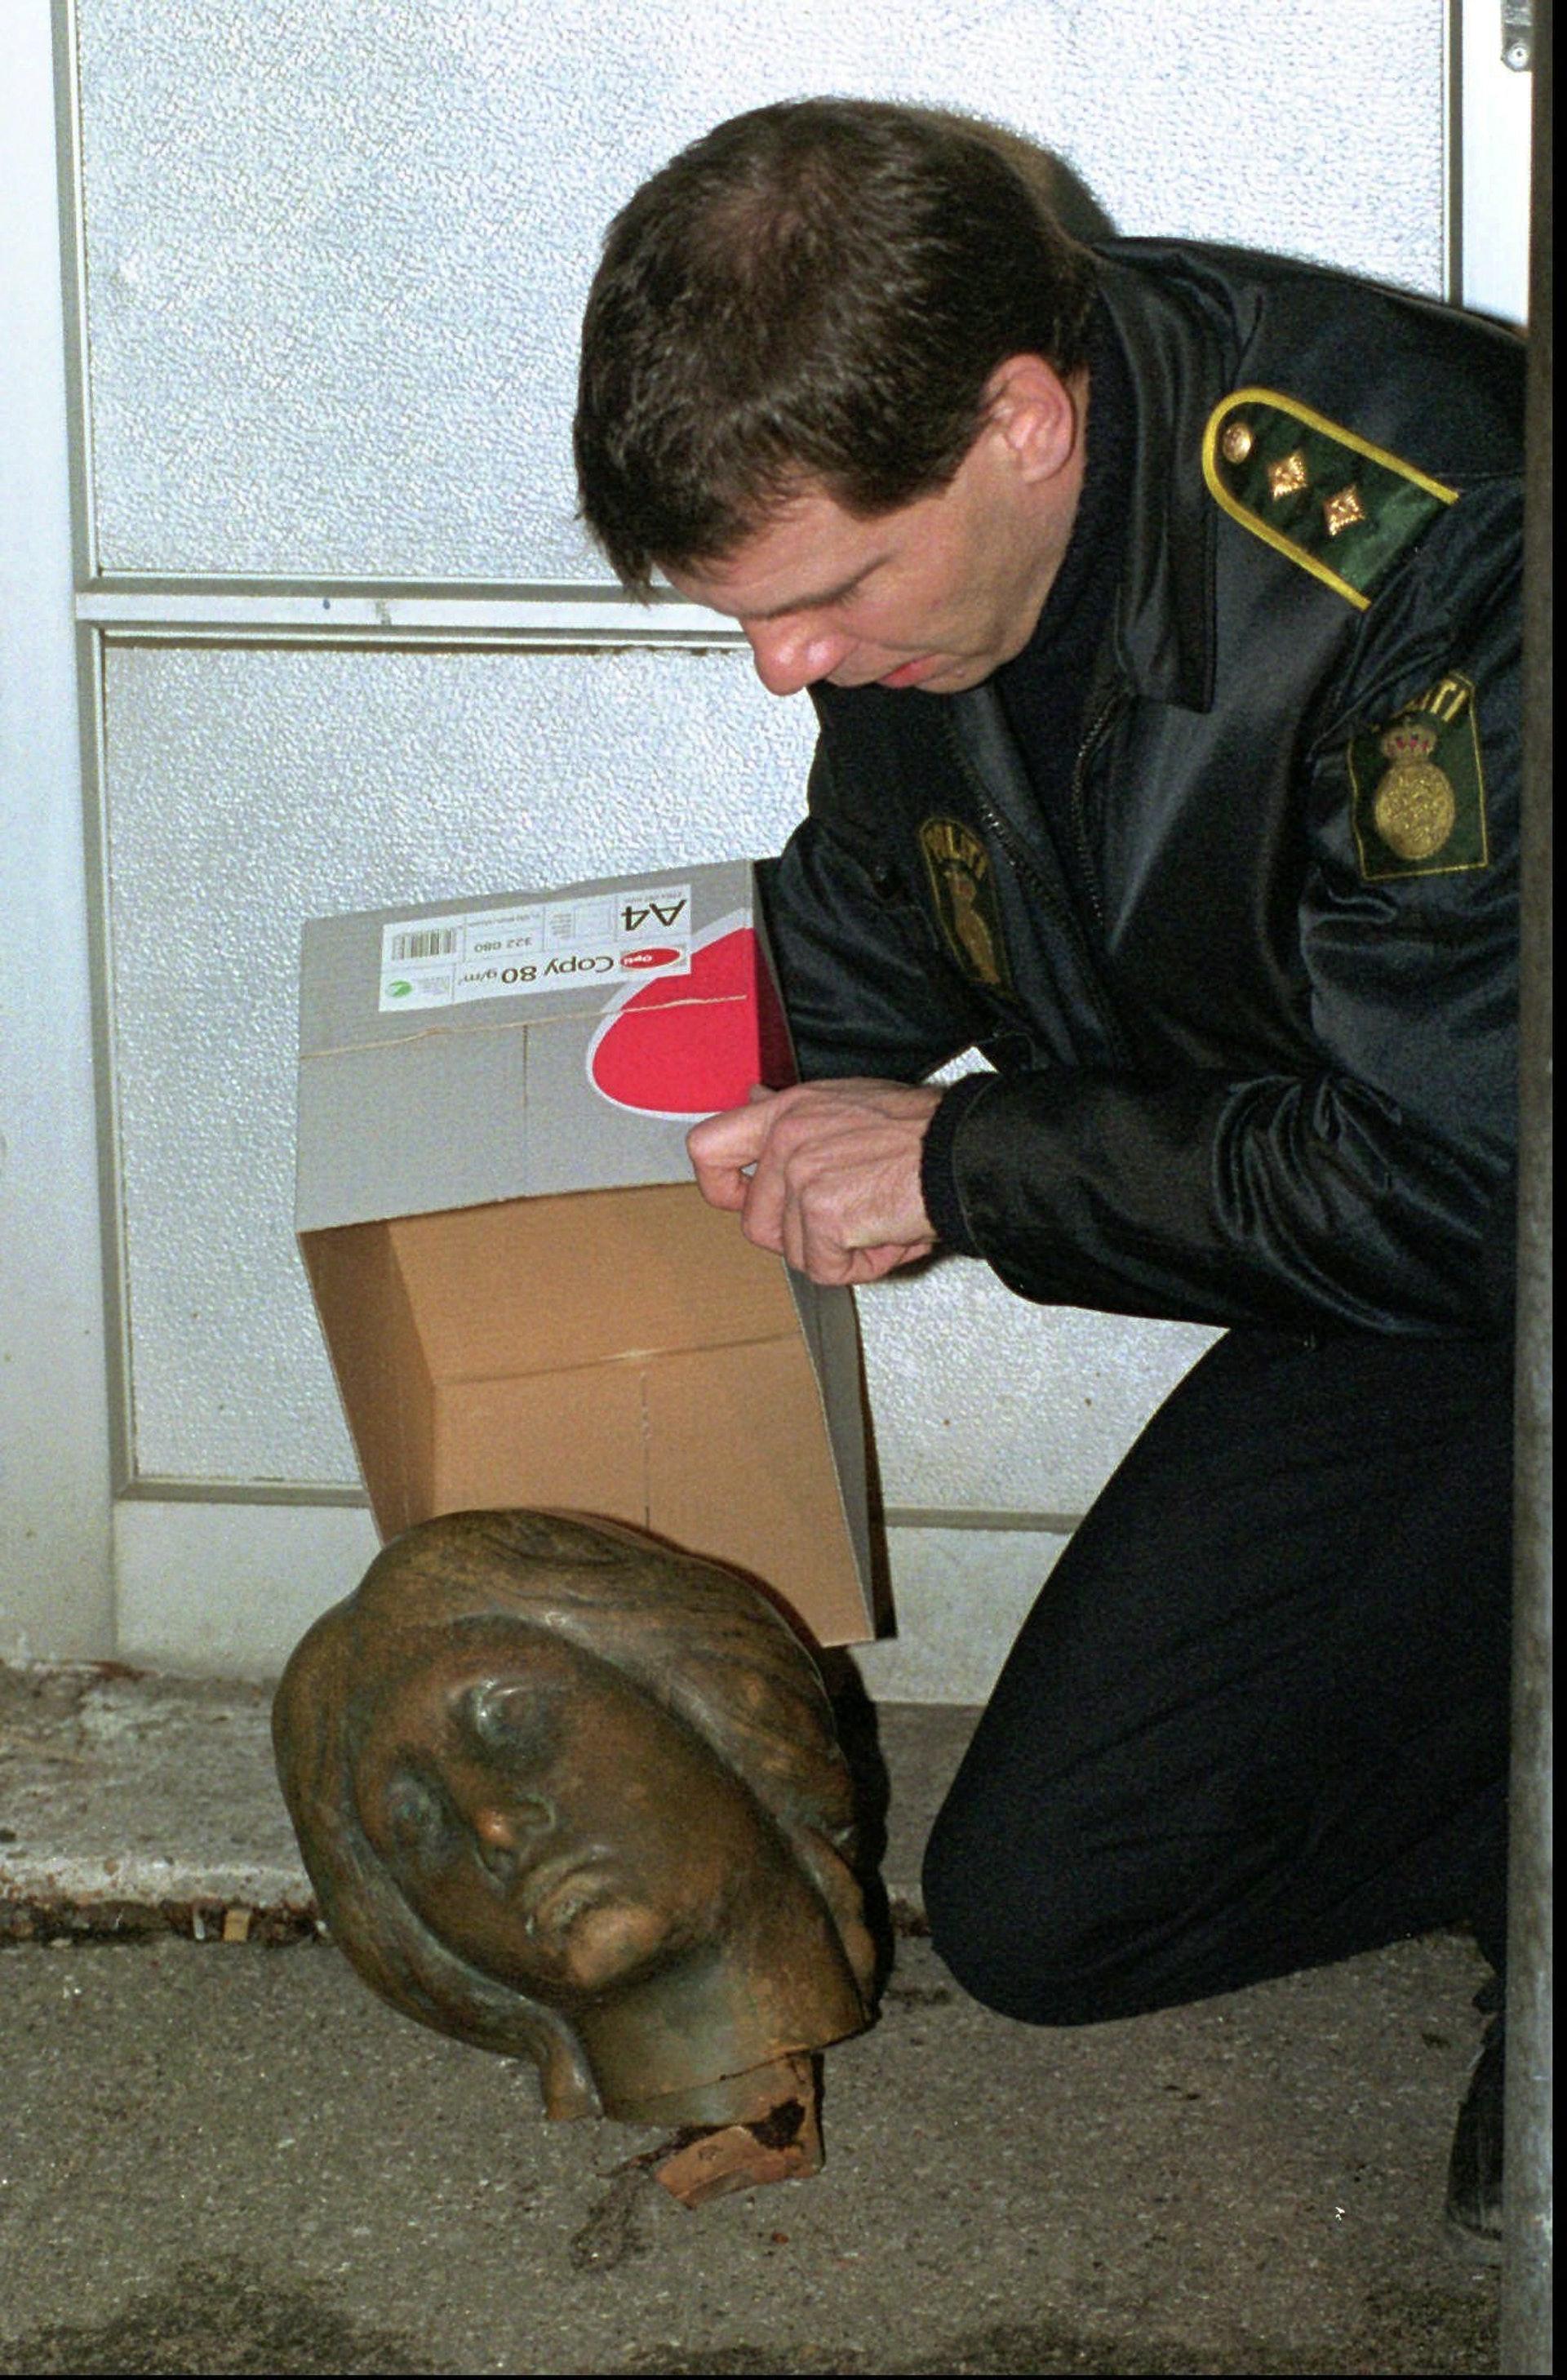 丹麦美人鱼雕像:美人鱼1998年被女权主义者斩头,几日后有人将她的头归还当局。 (AP)